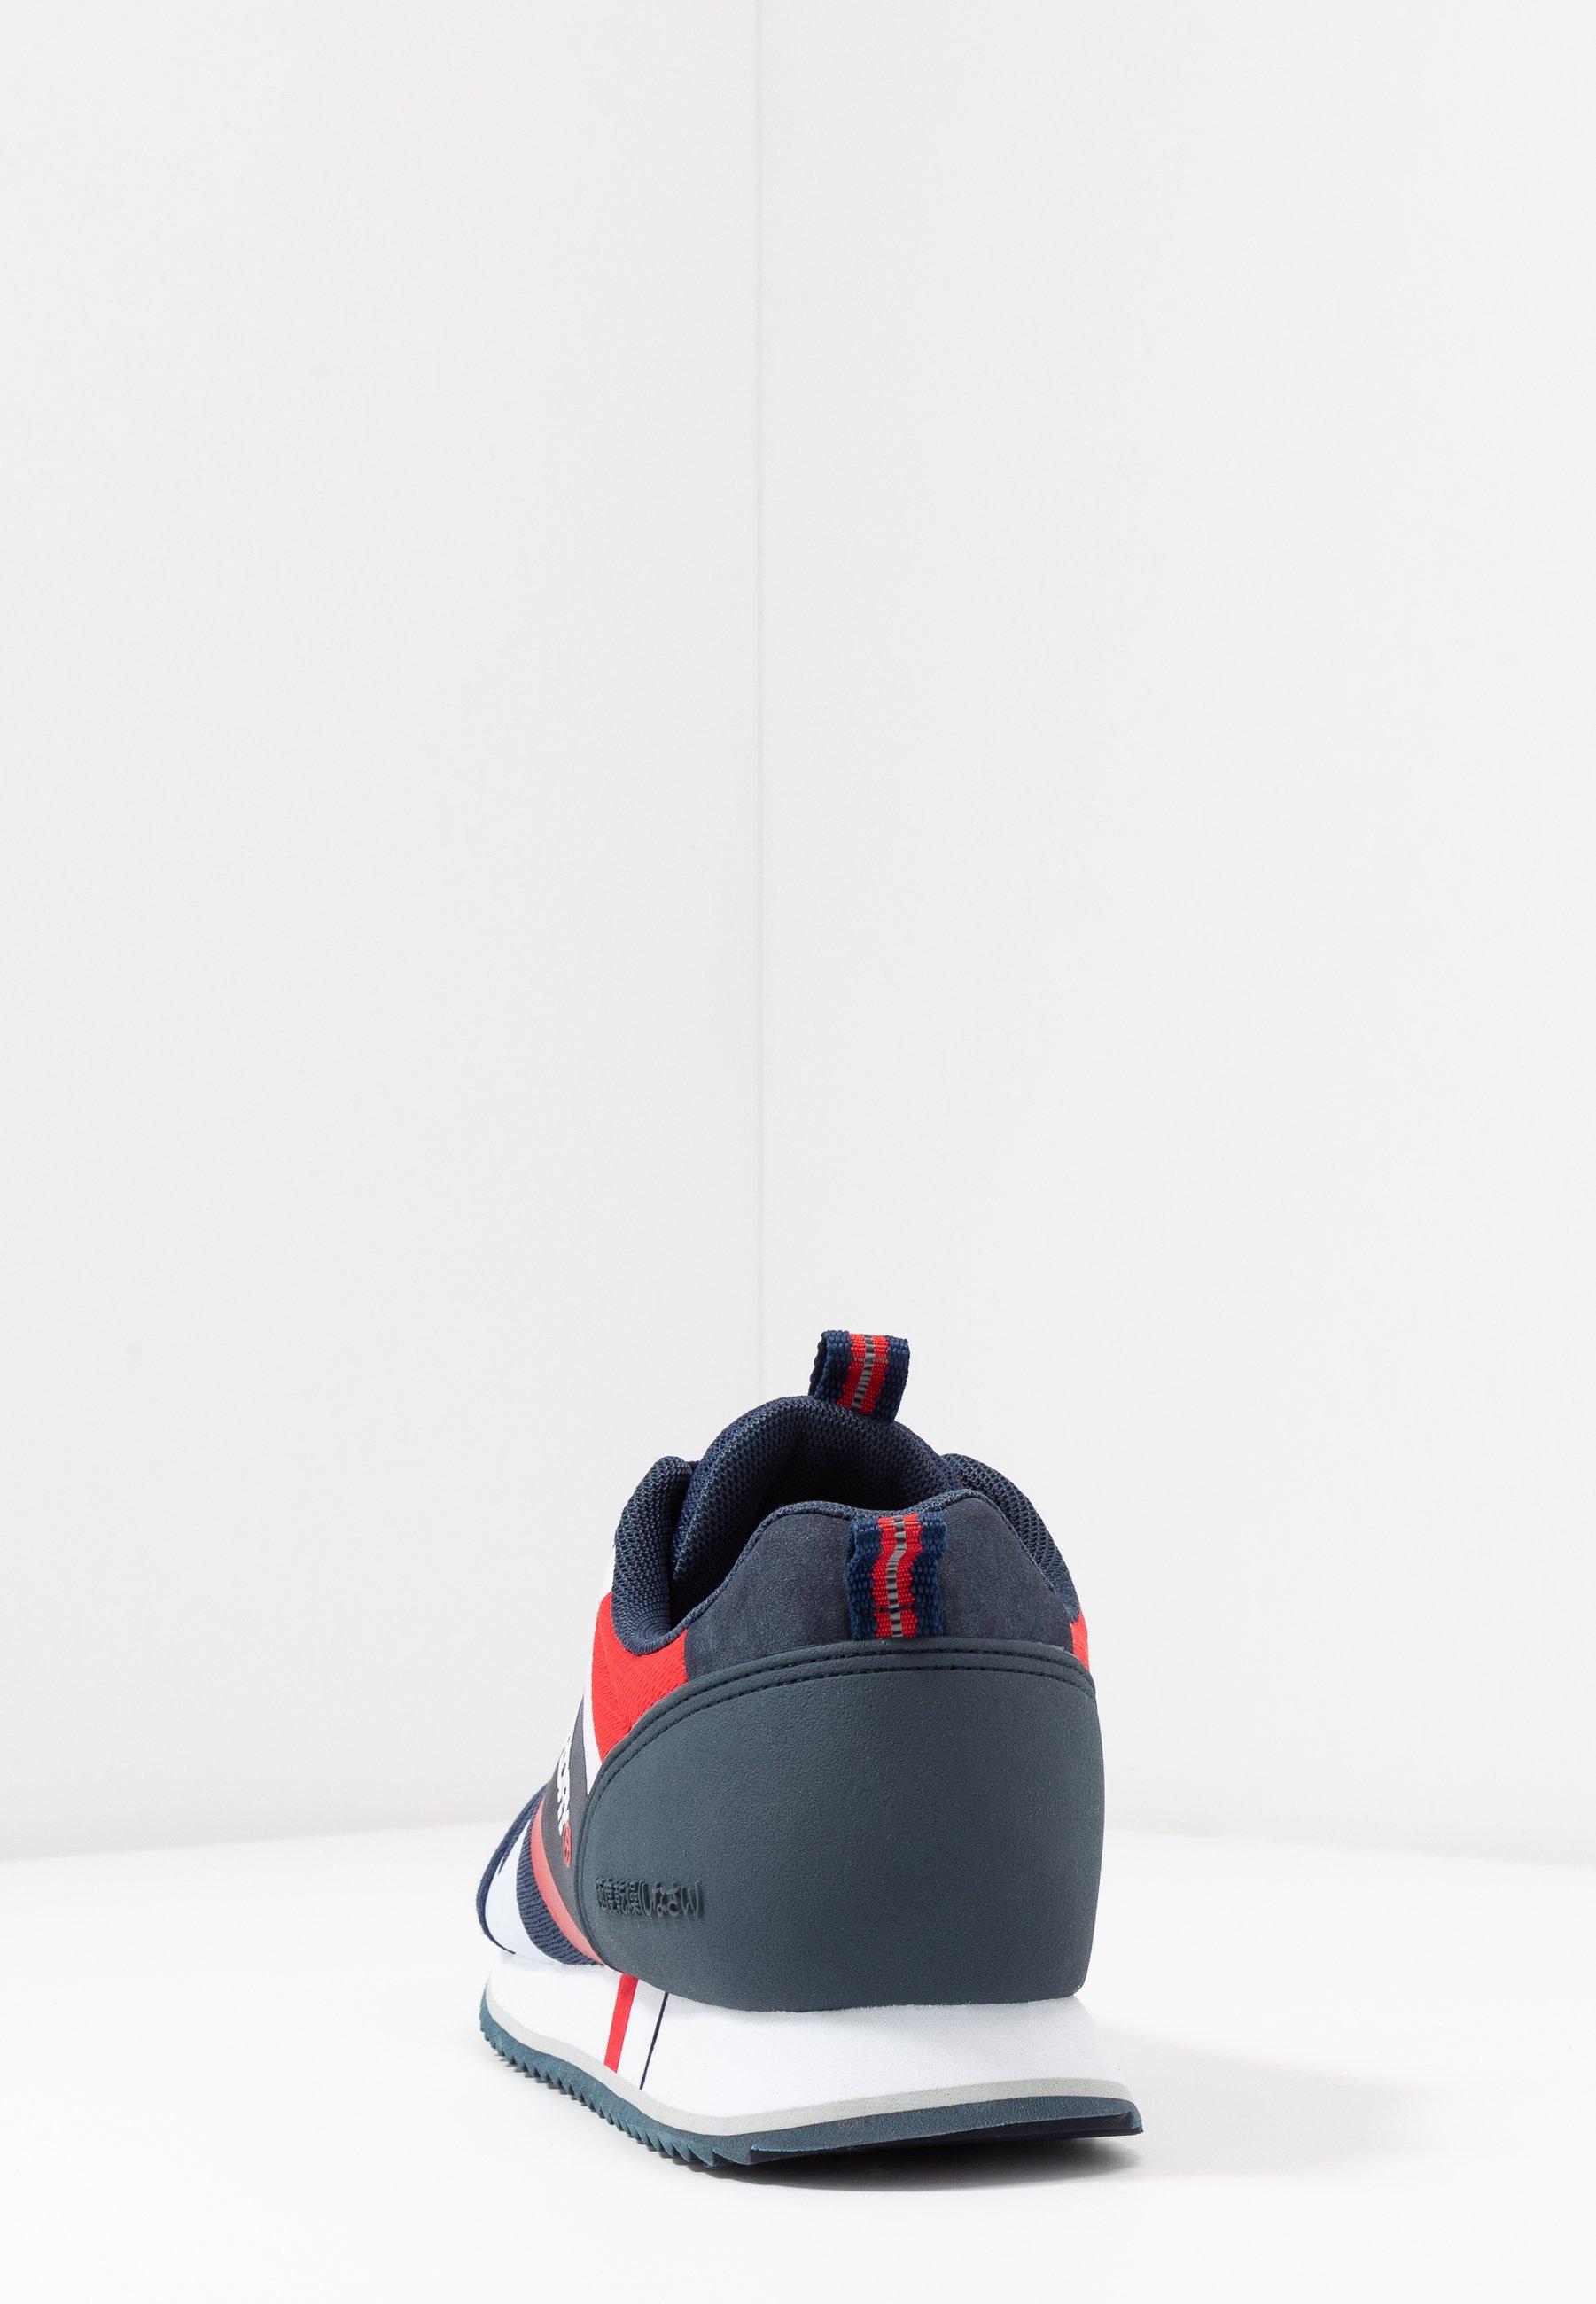 Superdry Fero Runner Core - Sneakers Laag Navy Goedkope Schoenen